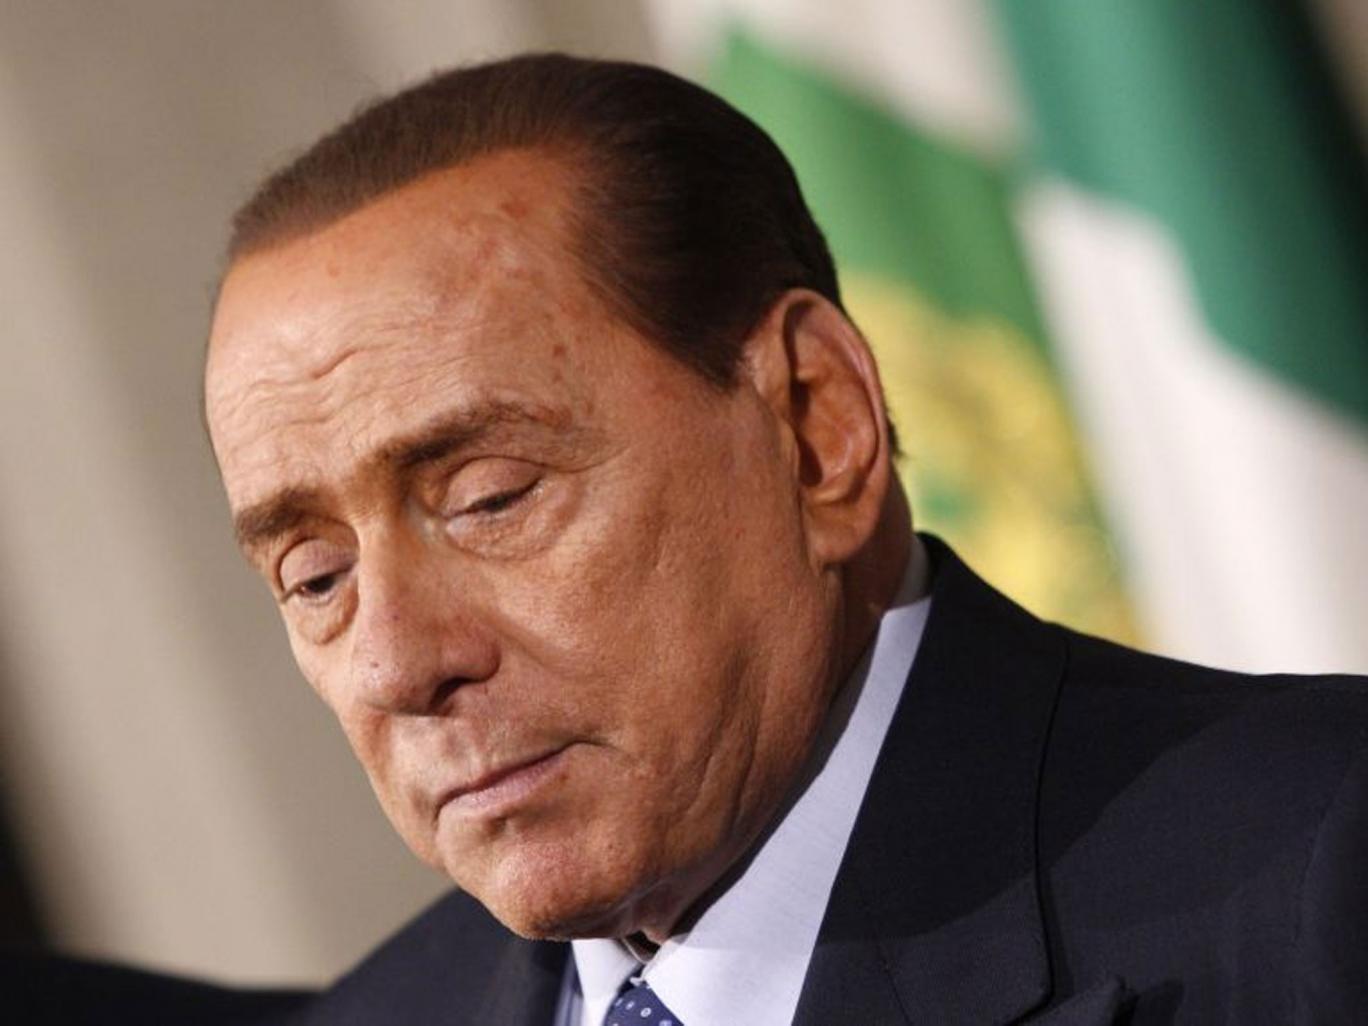 Silvio Berlusconi will go to prison for 7 years for seducing a minor 06/24/2013 2